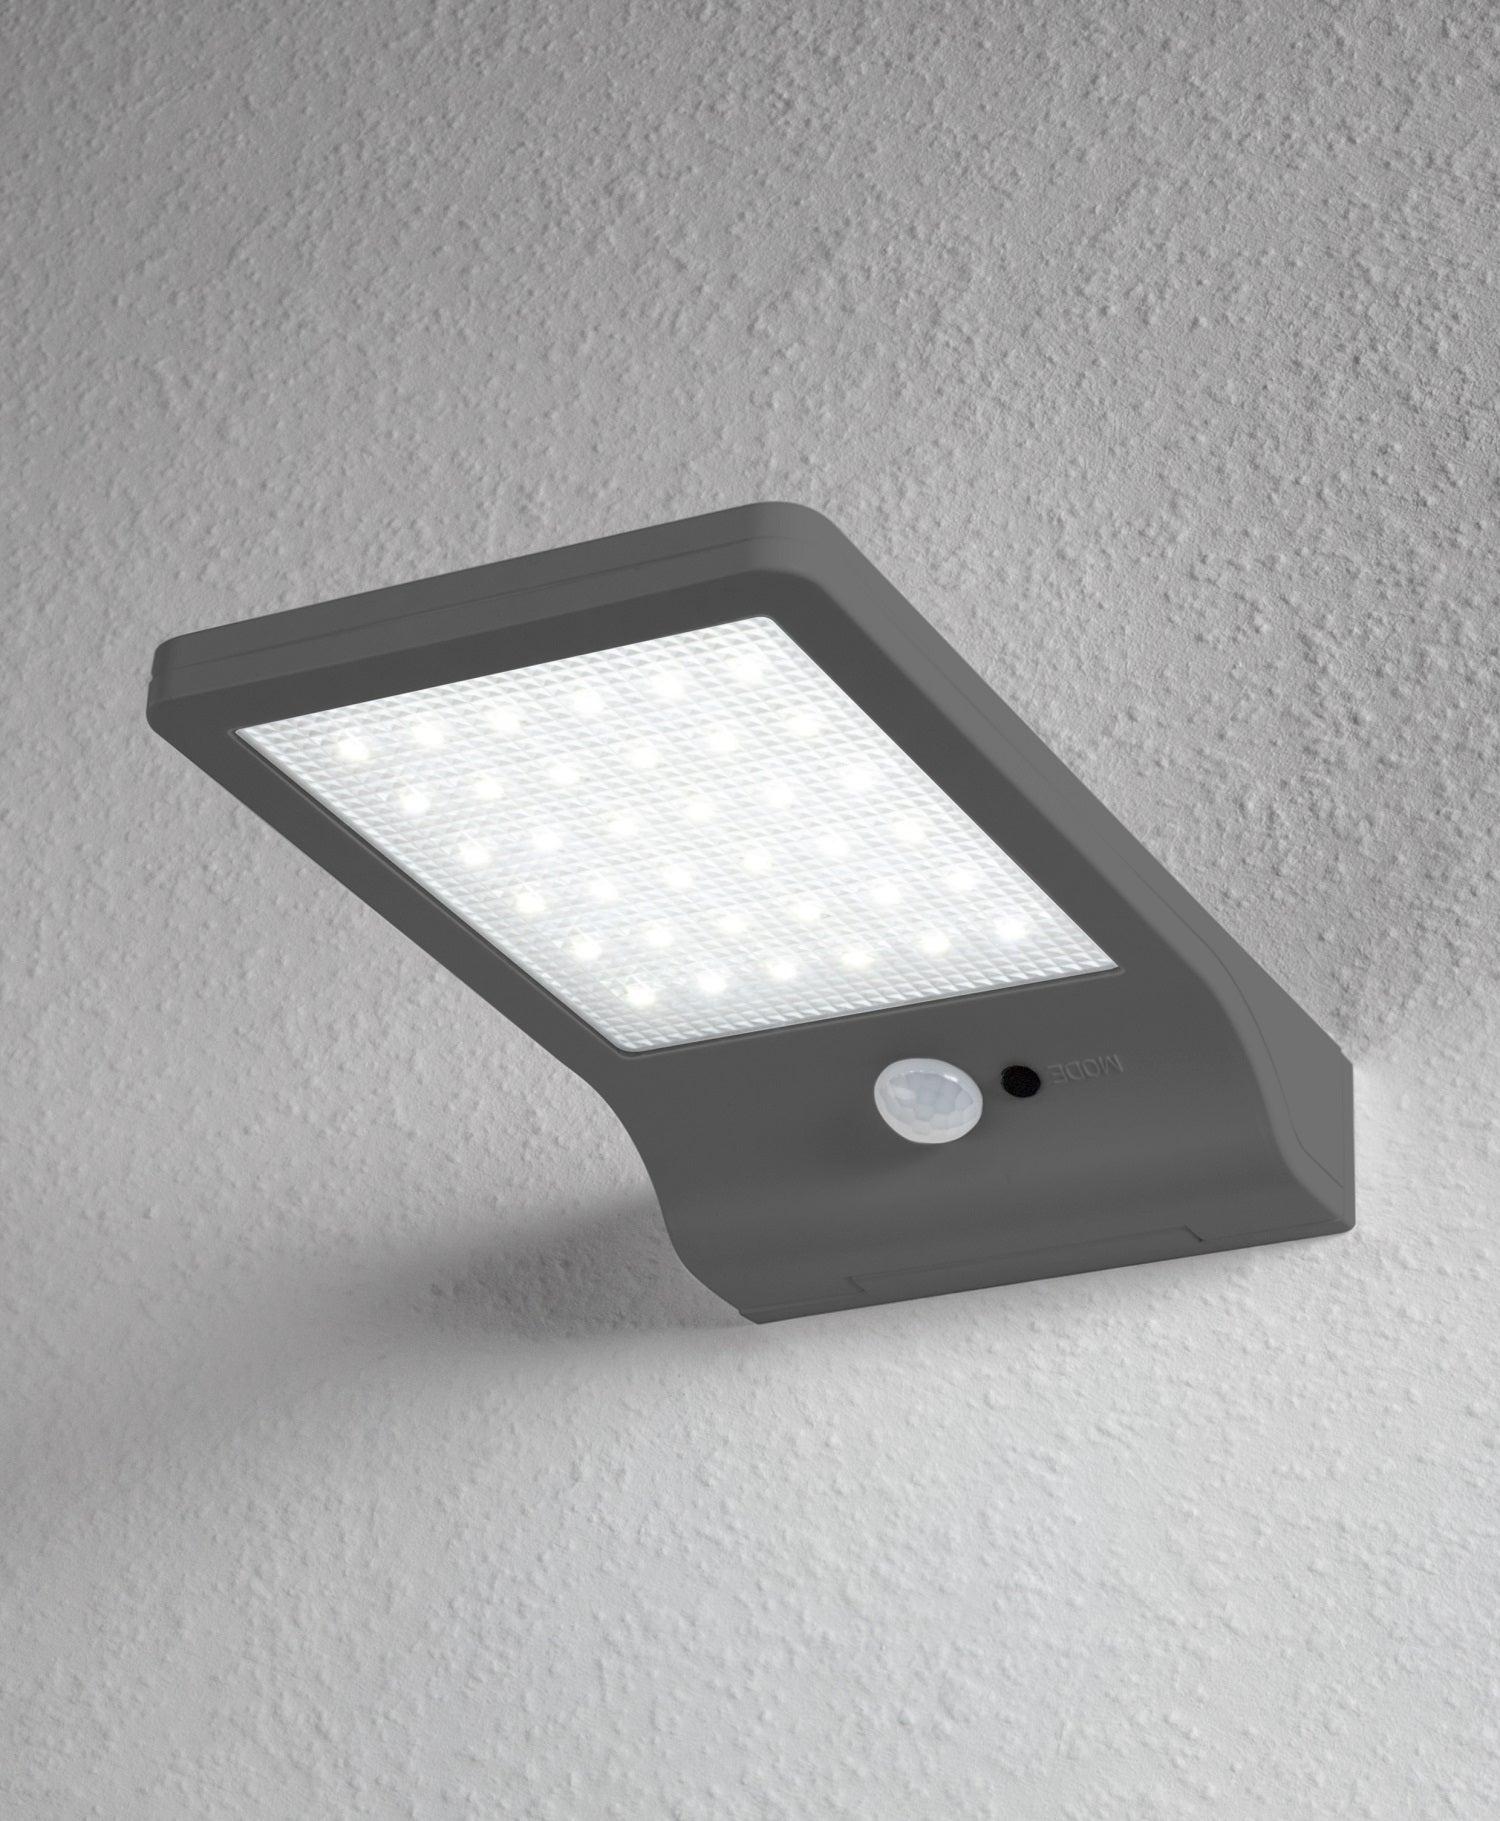 Applique solaire Doorled 320 Lumen argent LEDVANCE